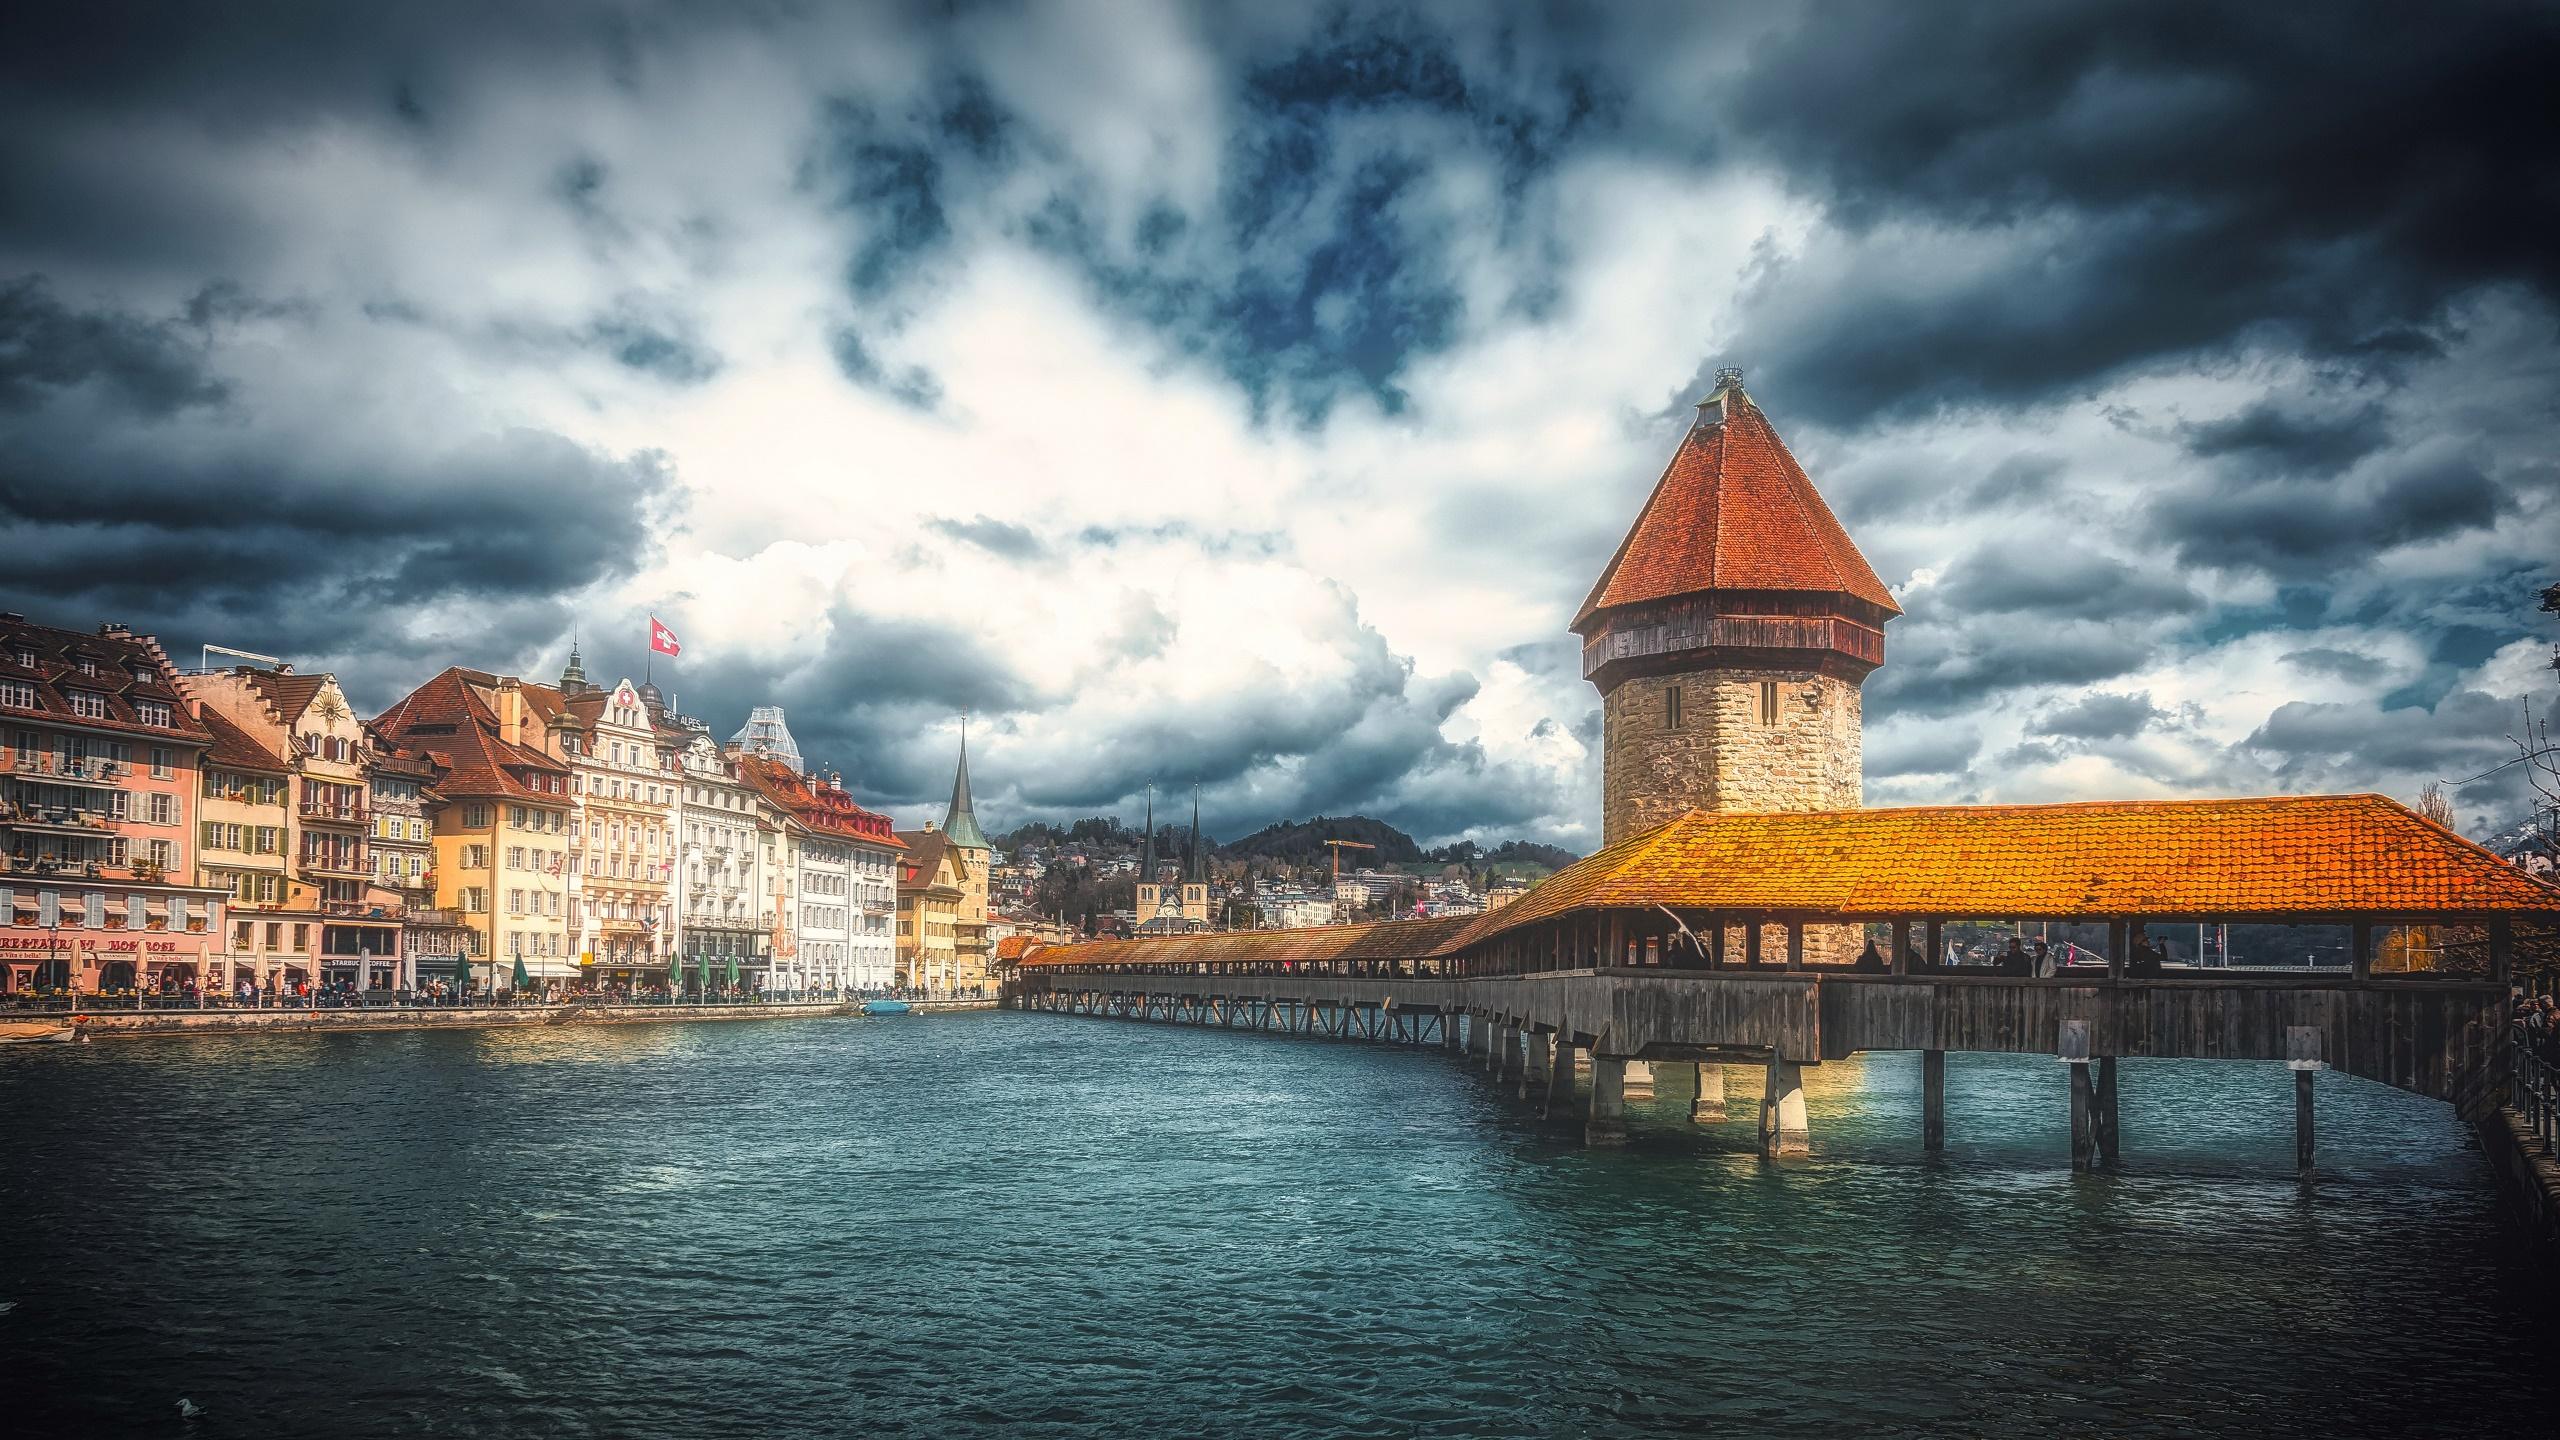 Switzerland Luzern Water City Sky 2560x1440